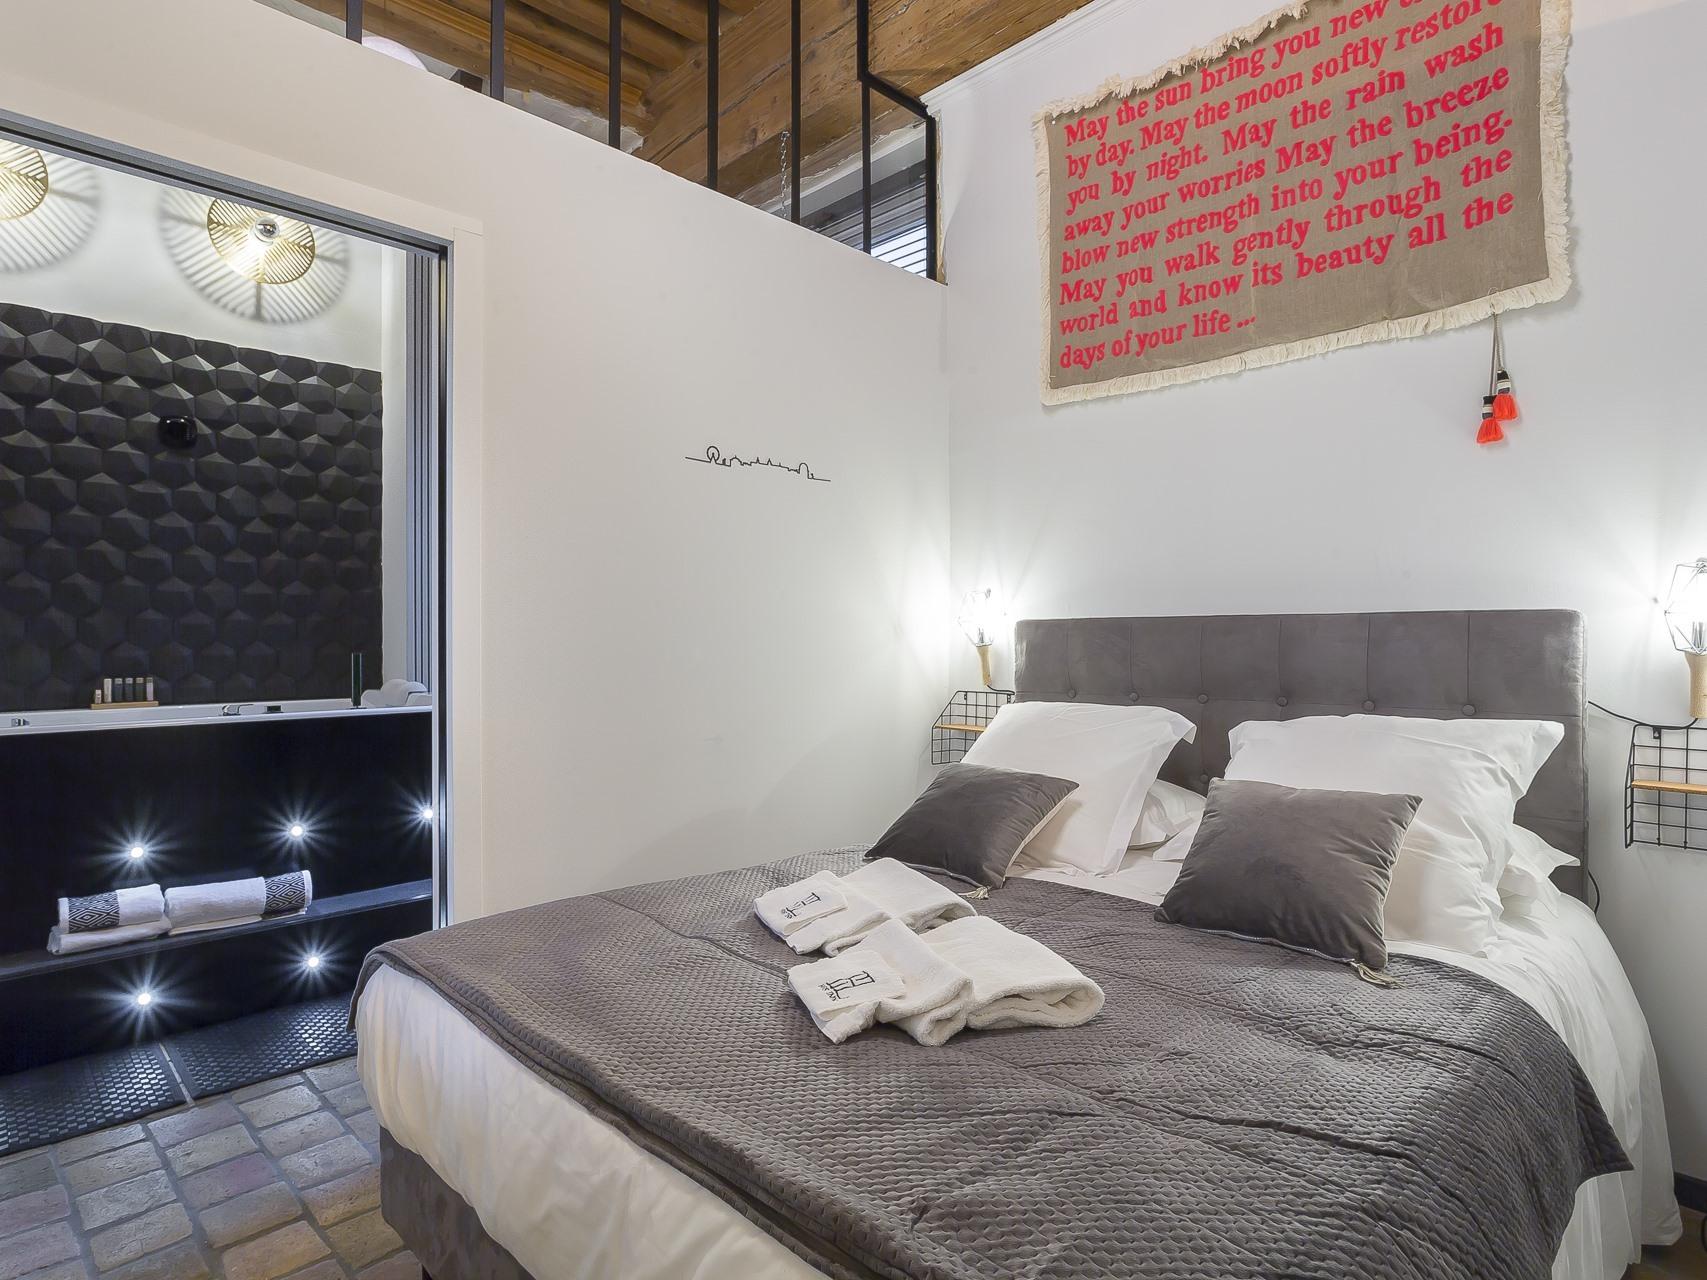 Appartement-de Luxe-Jacuzzi-Vue ville - Tarif de base